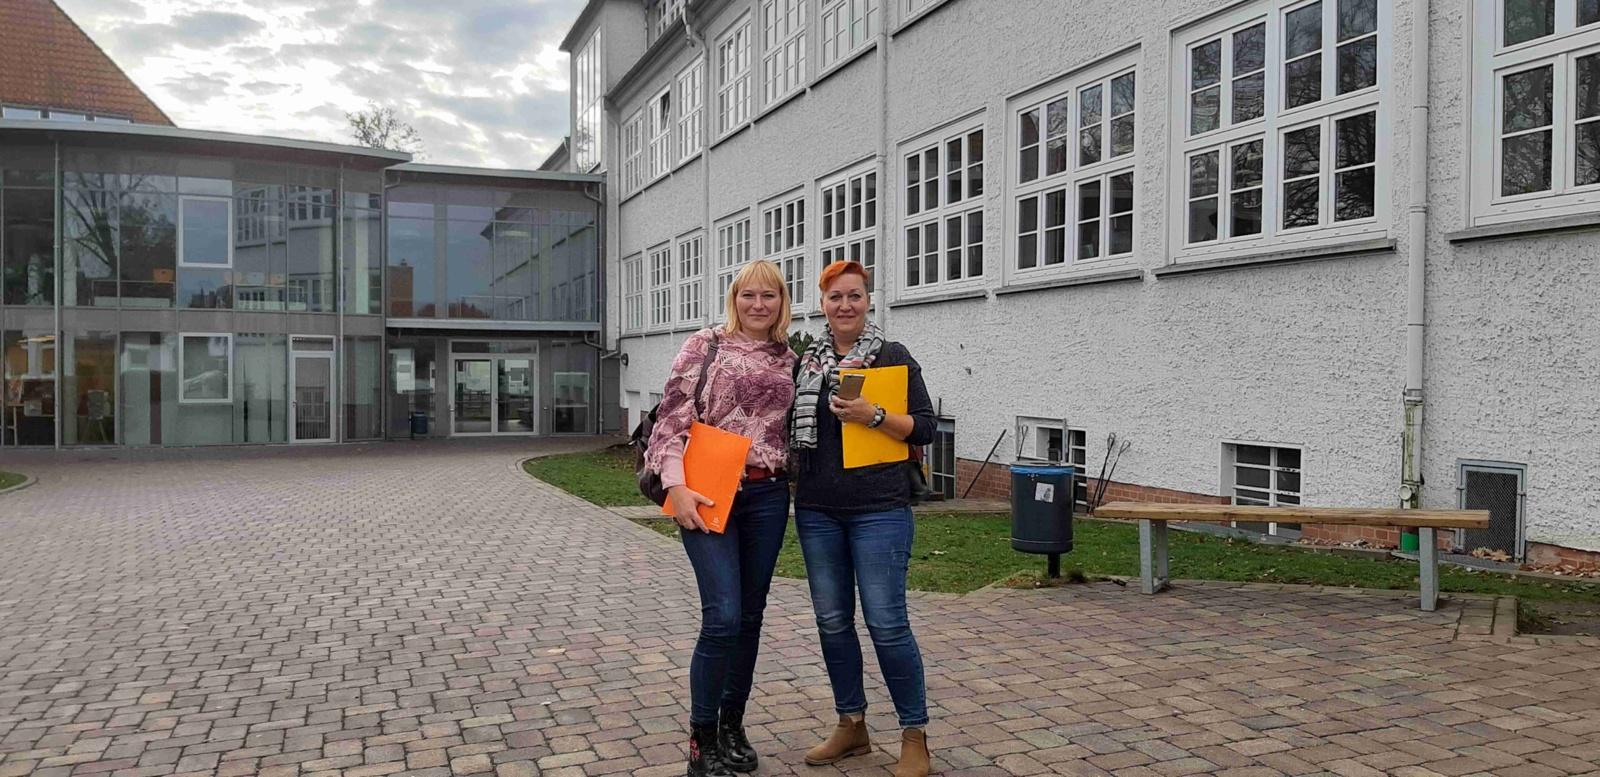 """Šiaulių sanatorinės mokyklos mokytojų vizitas Vokietijos Celės """"Oberschule"""" mokykloje"""